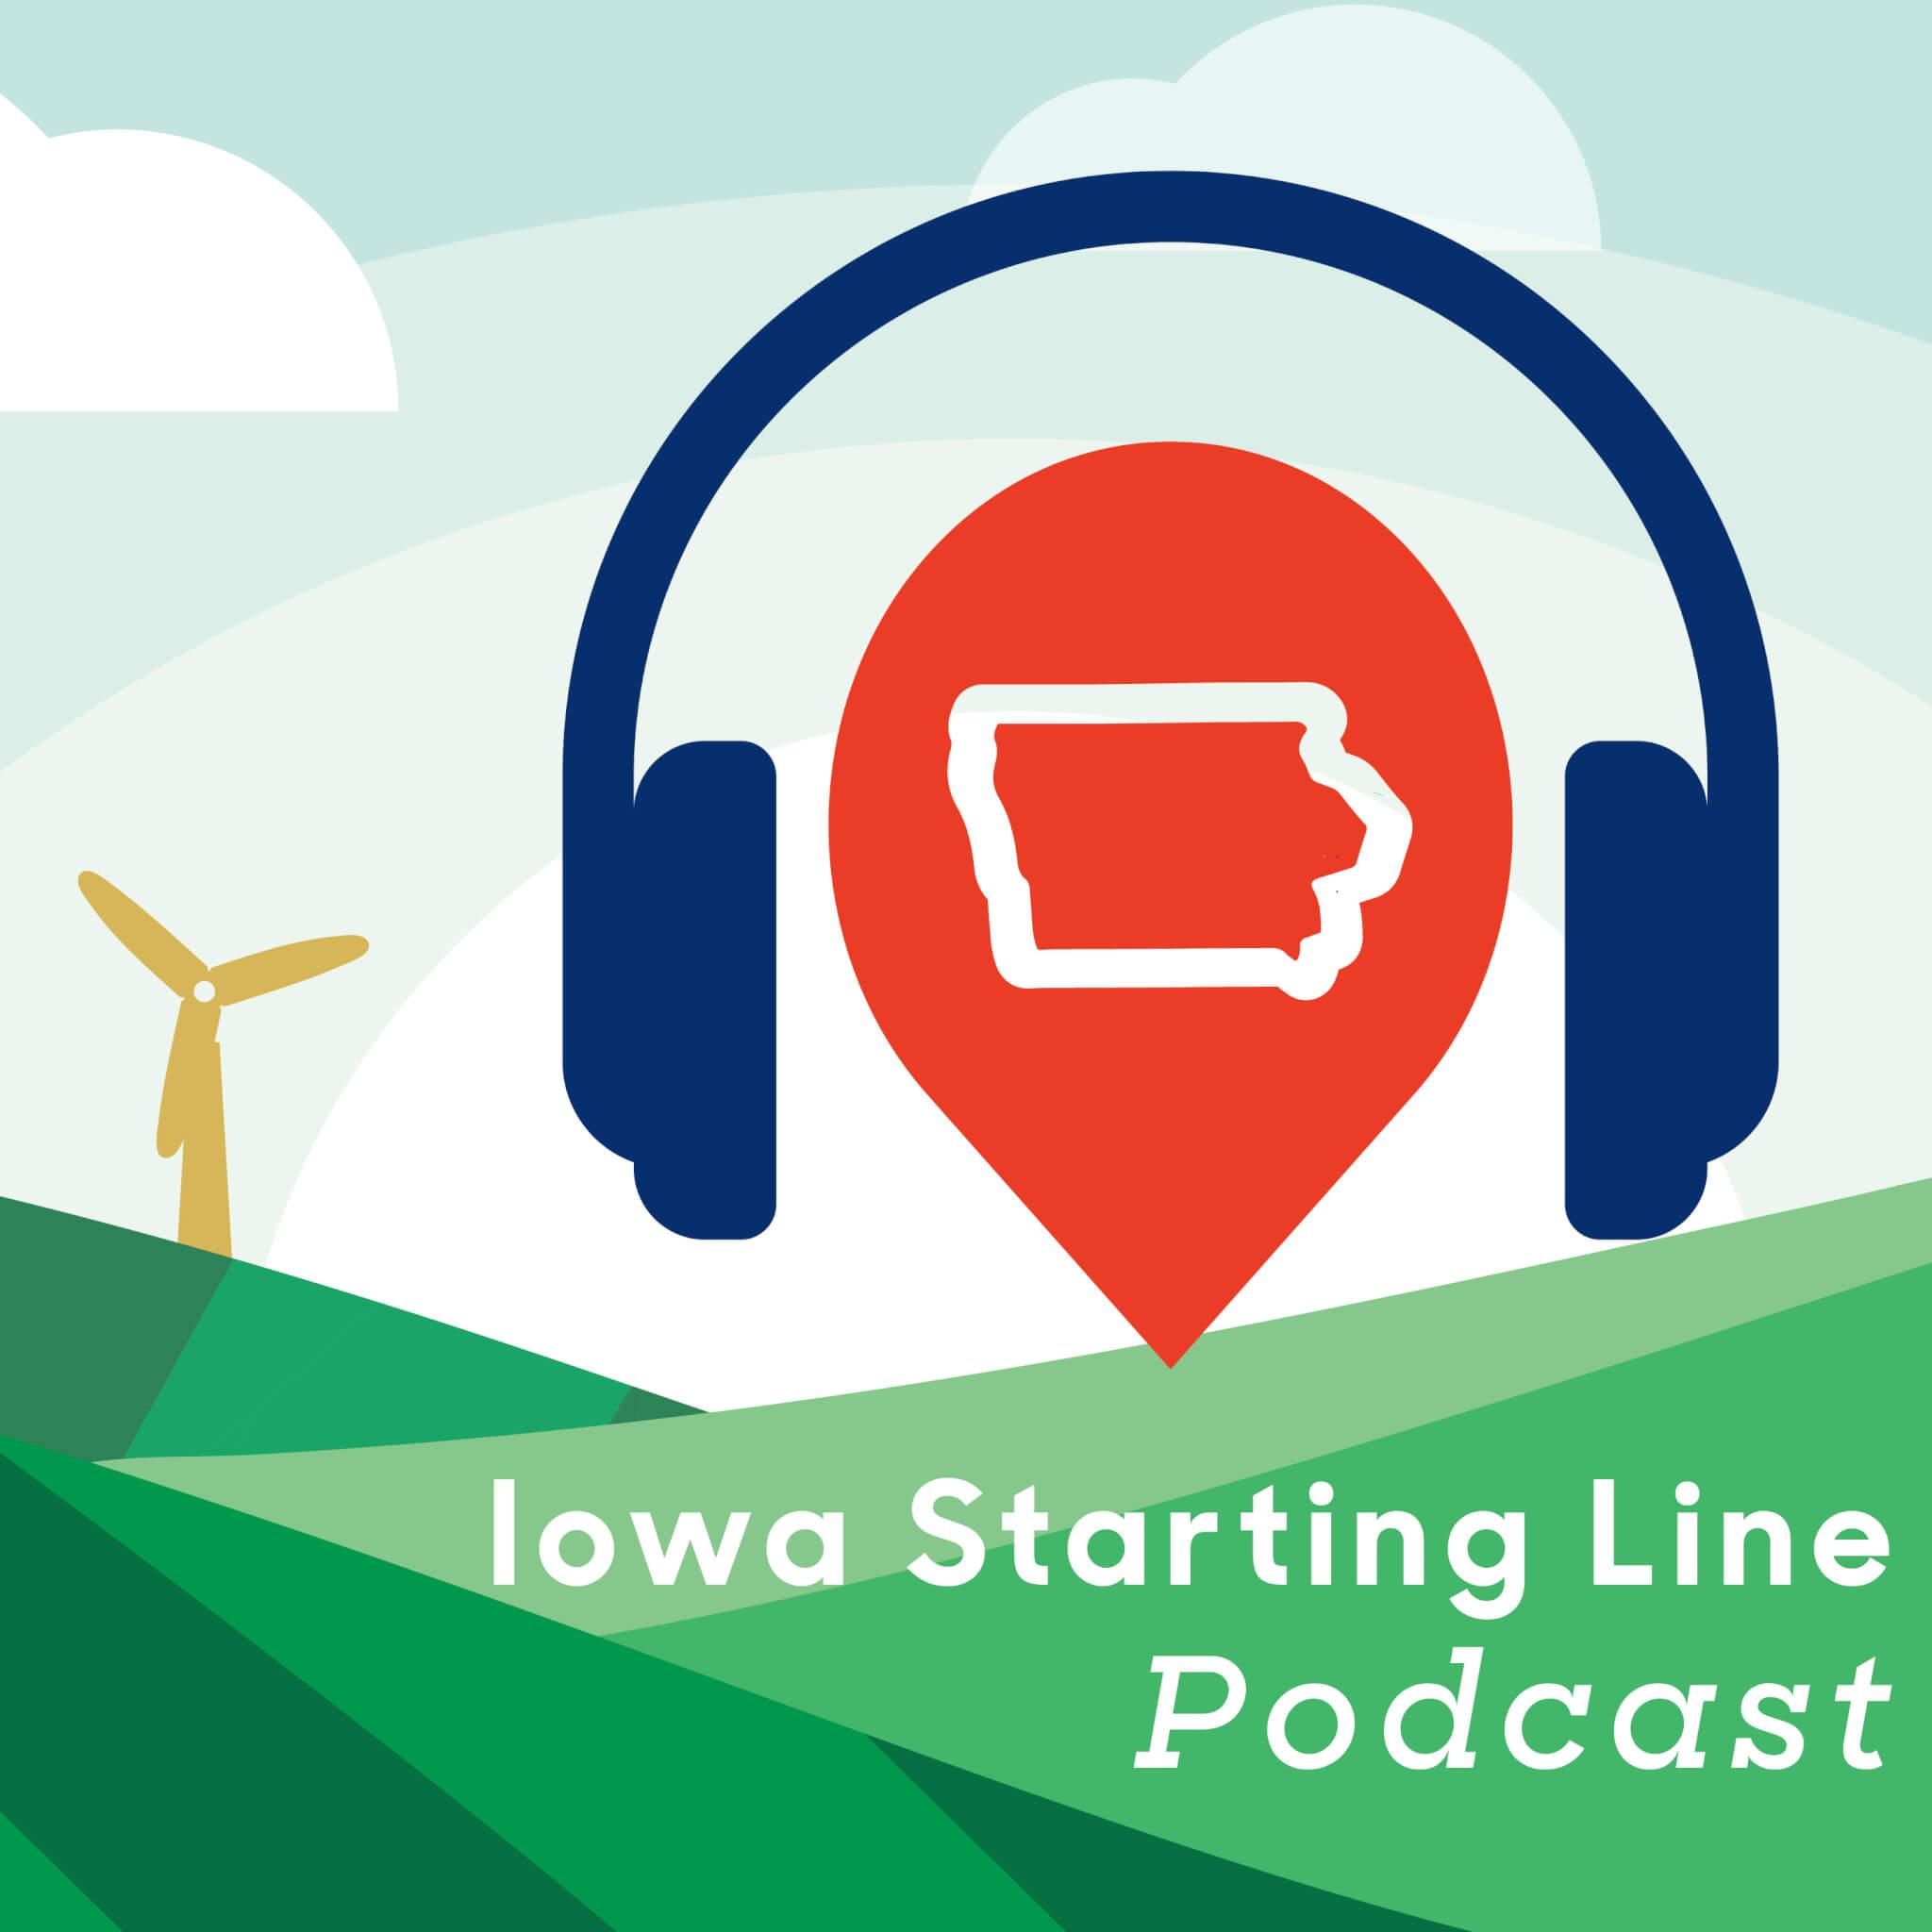 Iowa Starting Line